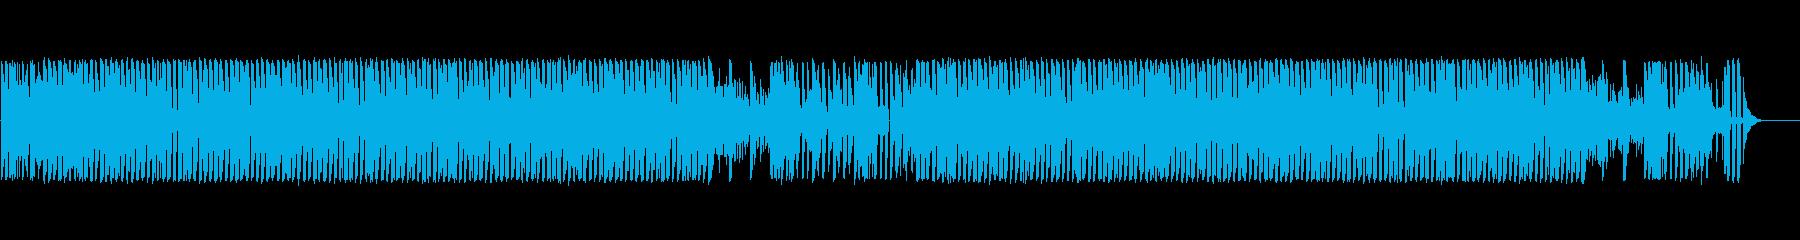 あたふた・パニック表現に最適なポップスの再生済みの波形